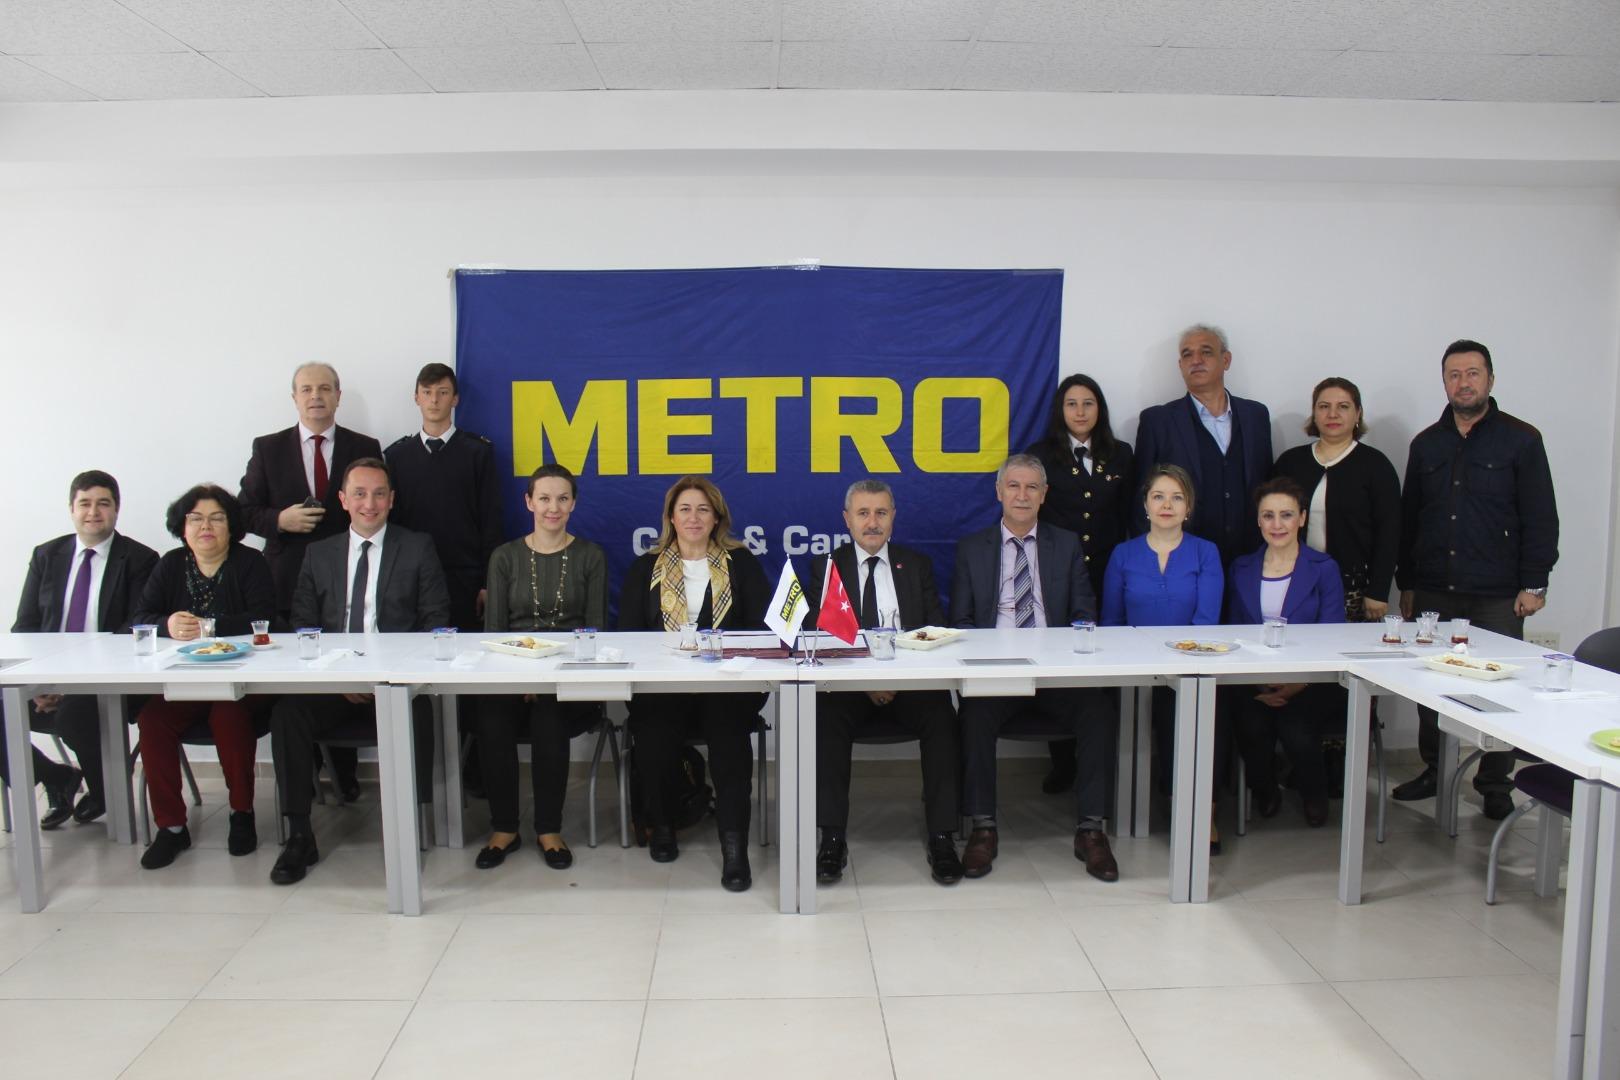 Metro Türkiye, geleceğe yatırım yapmaya devam ediyor